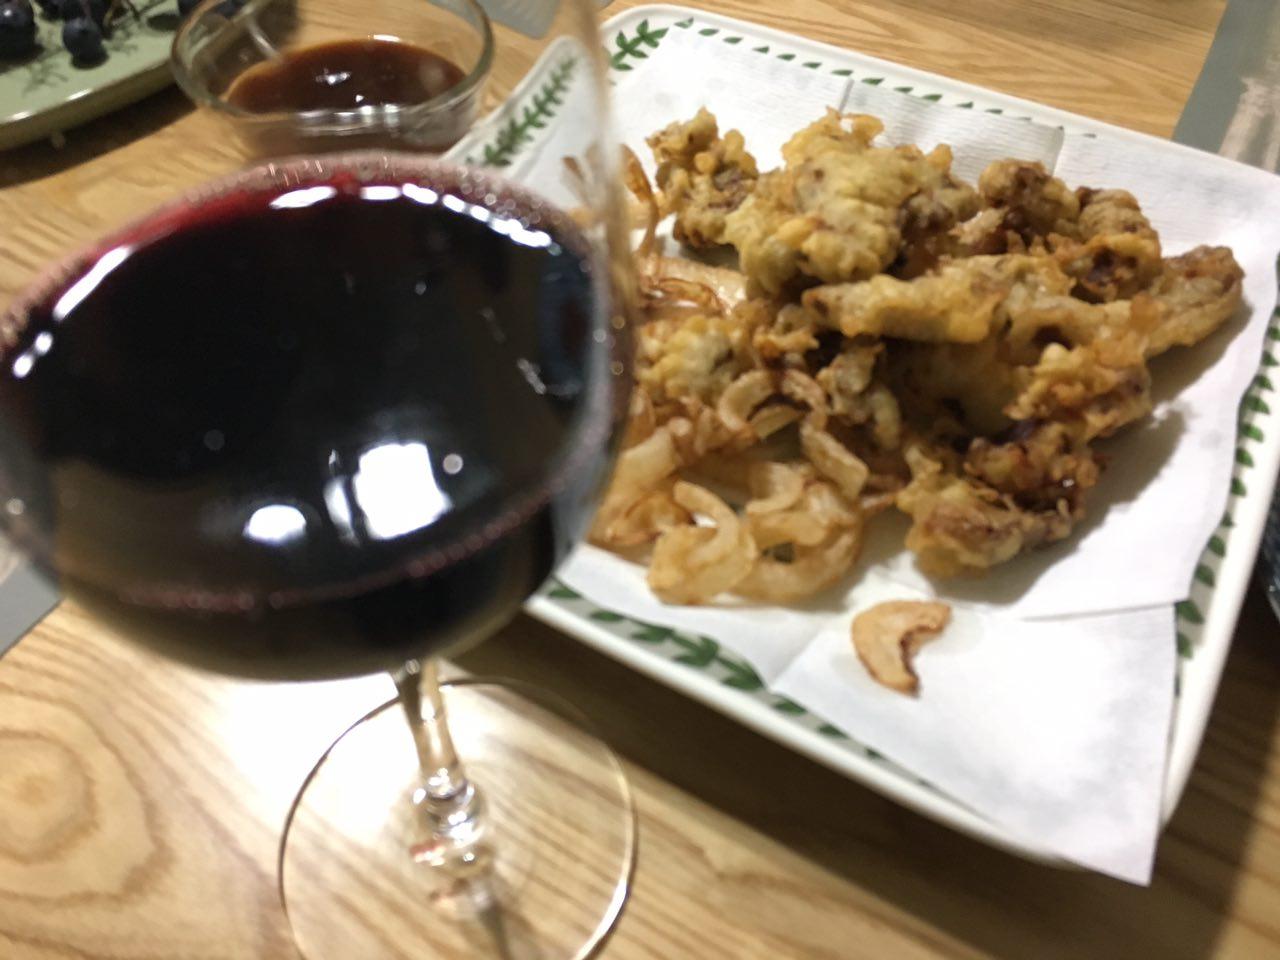 탕수육과 와인